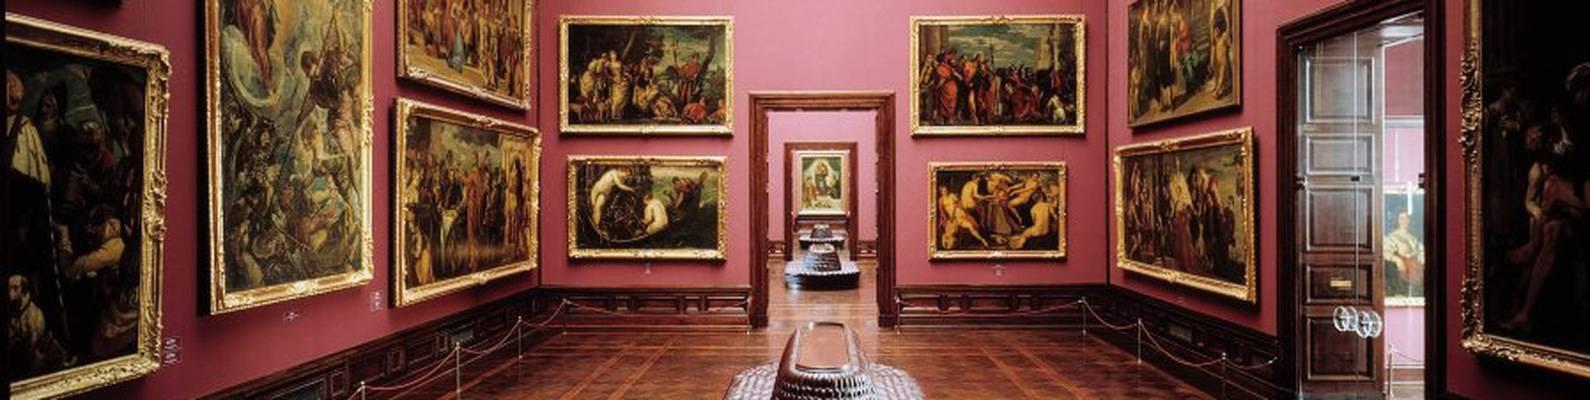 Дрезденская картинная галерея и другие достопримечательности